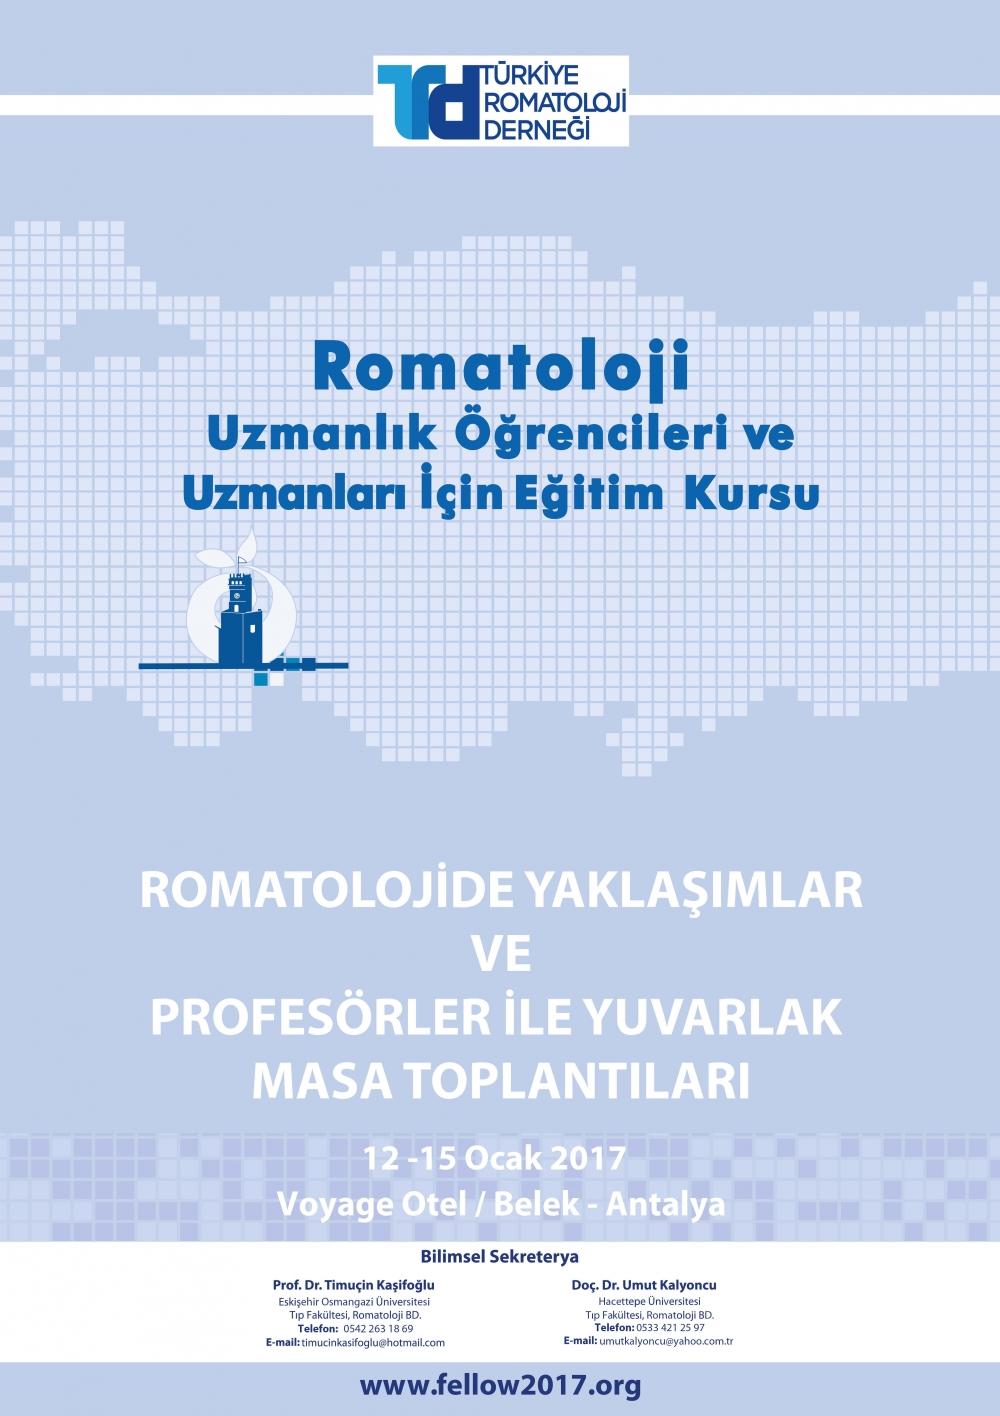 Romatoloji Uzmanlık Öğrencileri ve Uzmanları İçin Eğitim Kursu